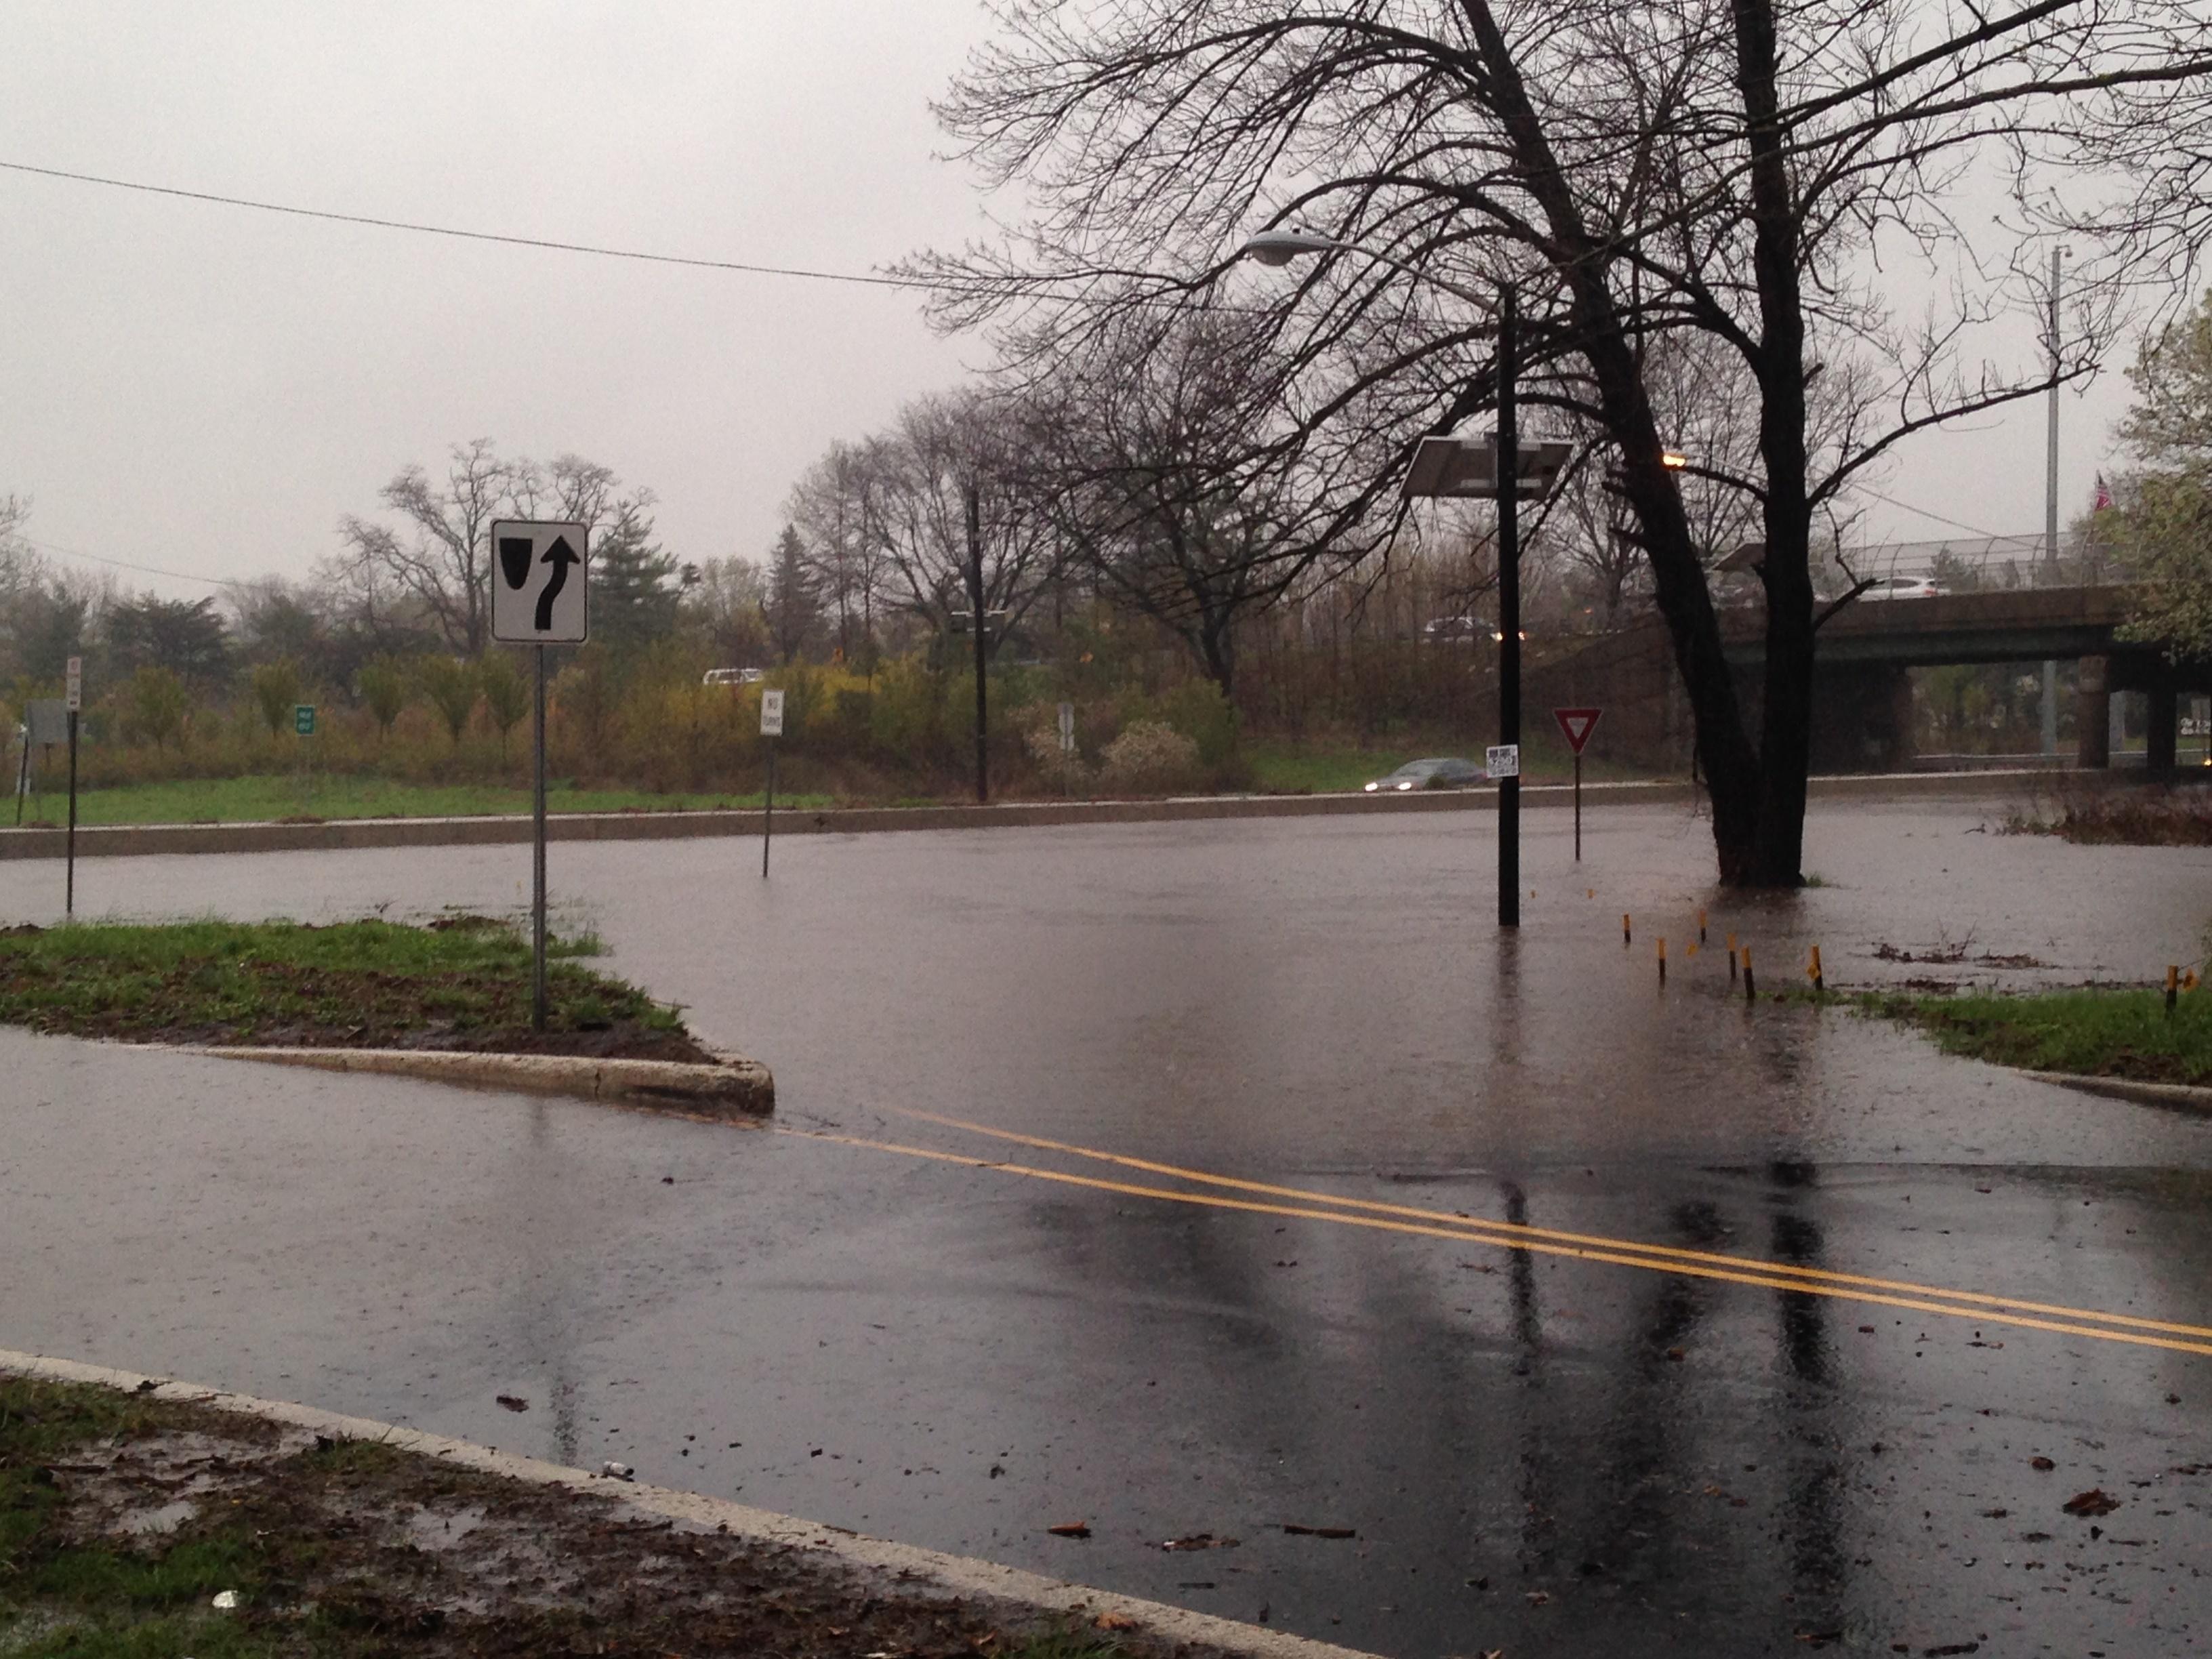 47f83a341d2457b84dfe_Route_22_Flood.jpg